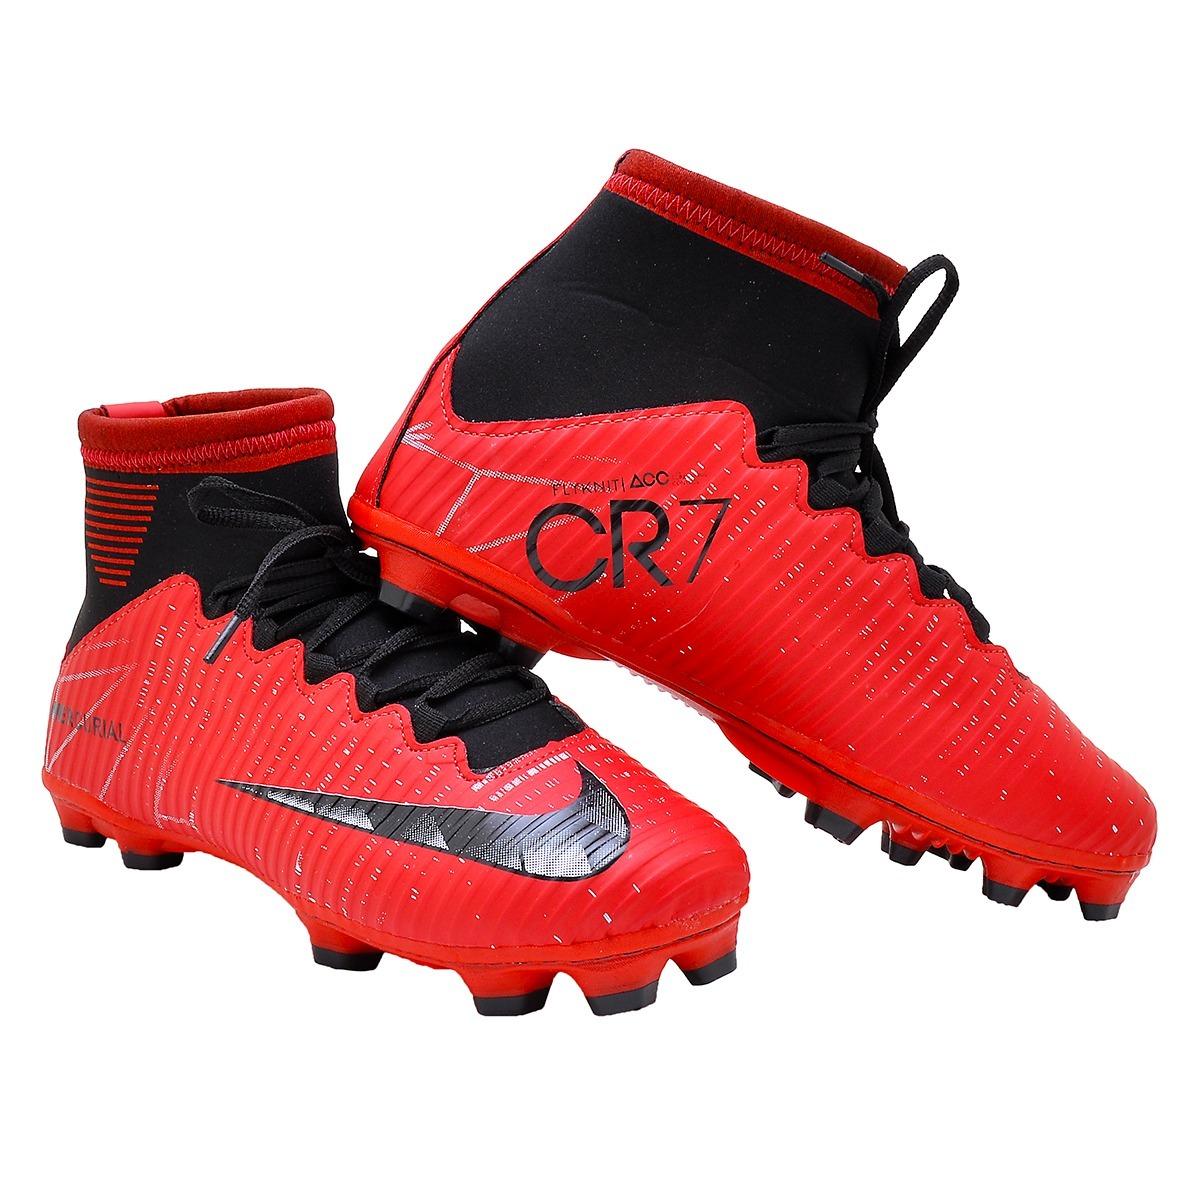 14c145c252 Chuteira Nike Campo Cr7 Barata ( Promoção Compre 2 E Leve 3) - R ...